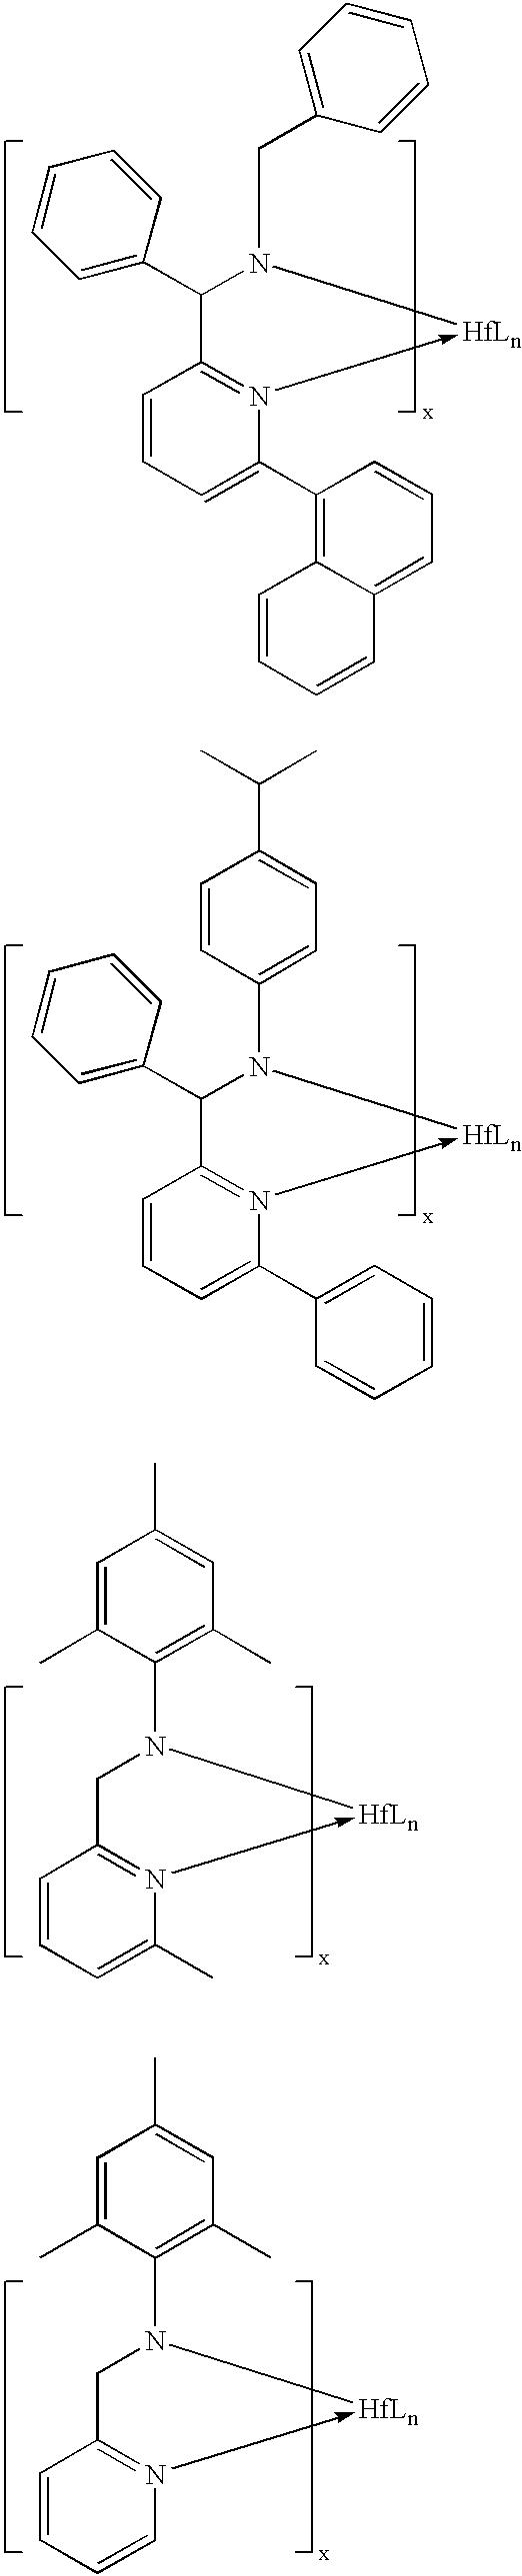 Figure US06927256-20050809-C00016